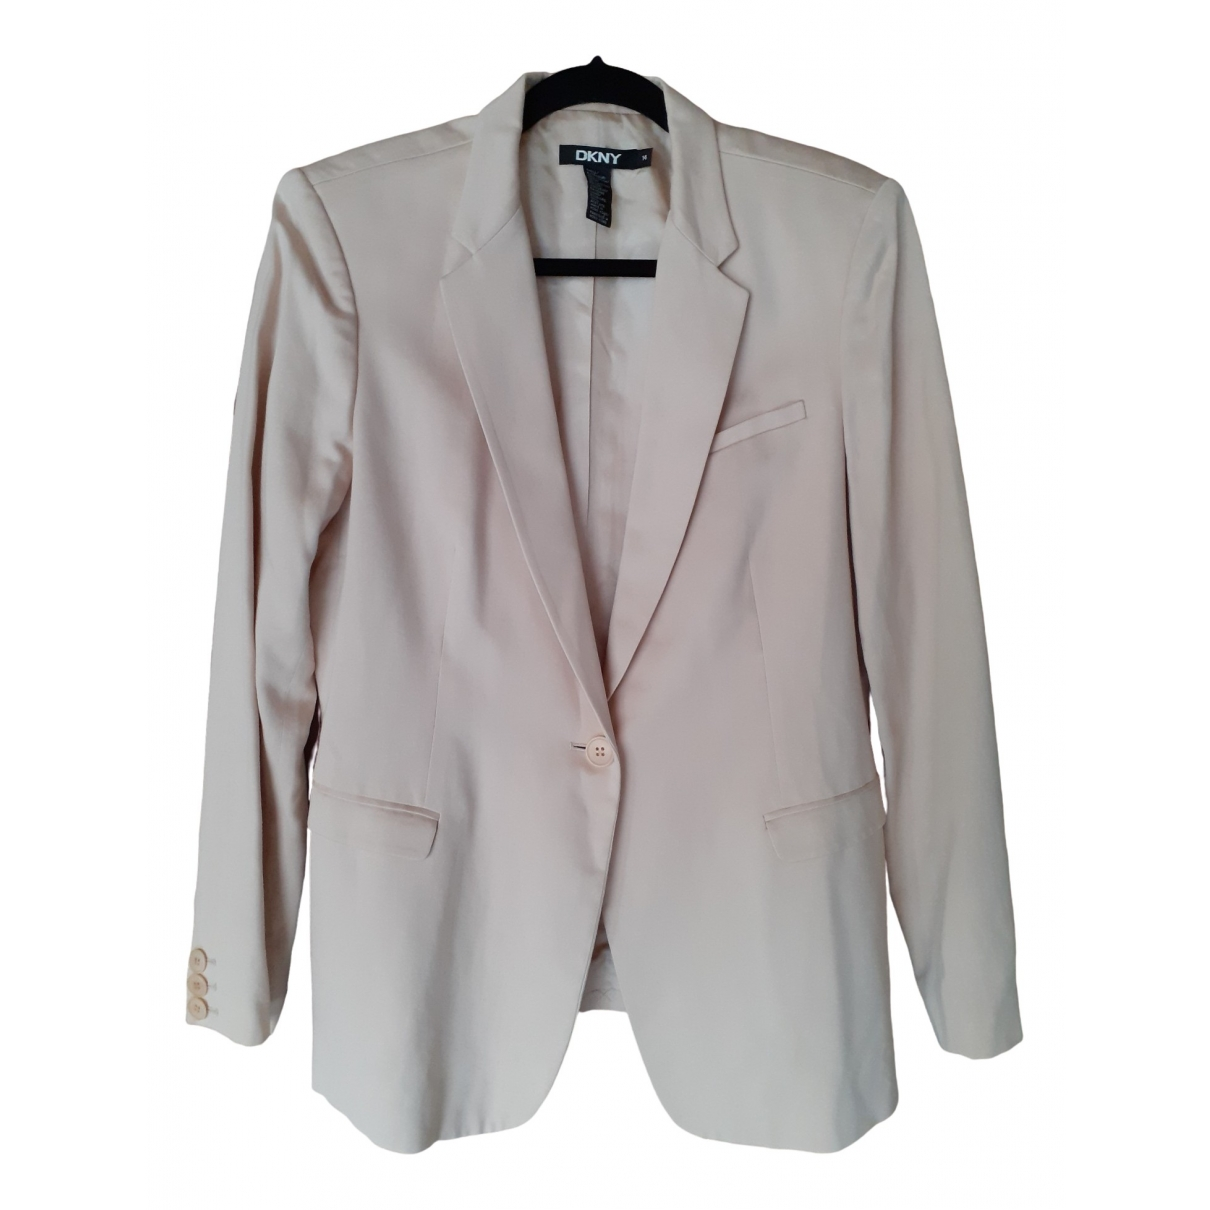 Dkny \N Ecru Cotton jacket for Women 14-16 US